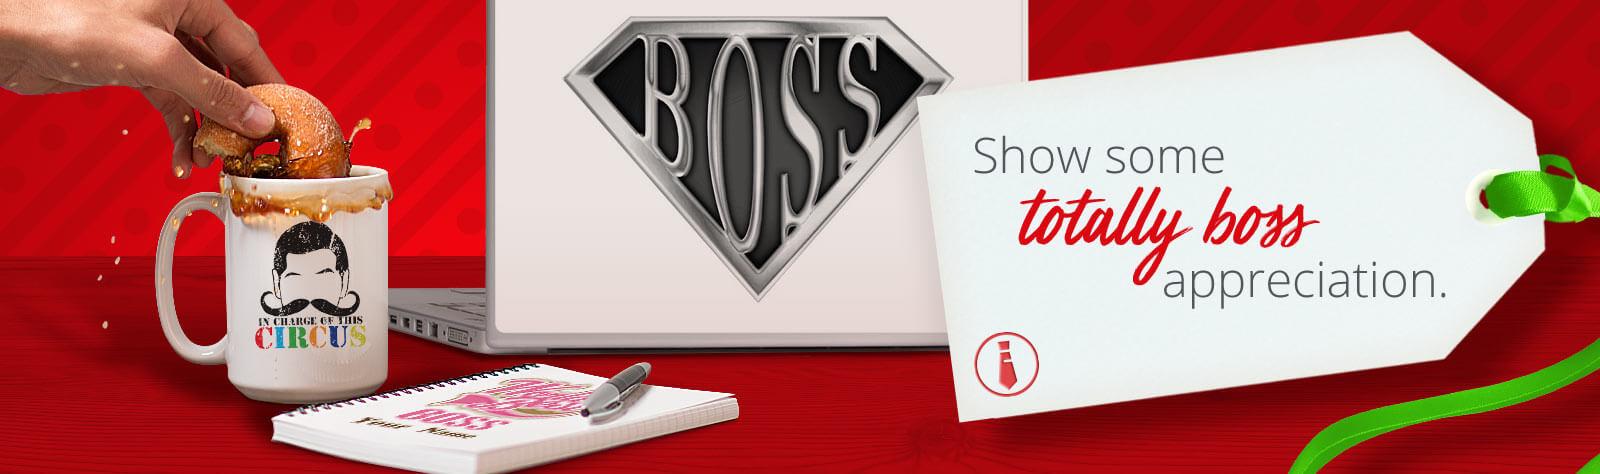 Boss Banner